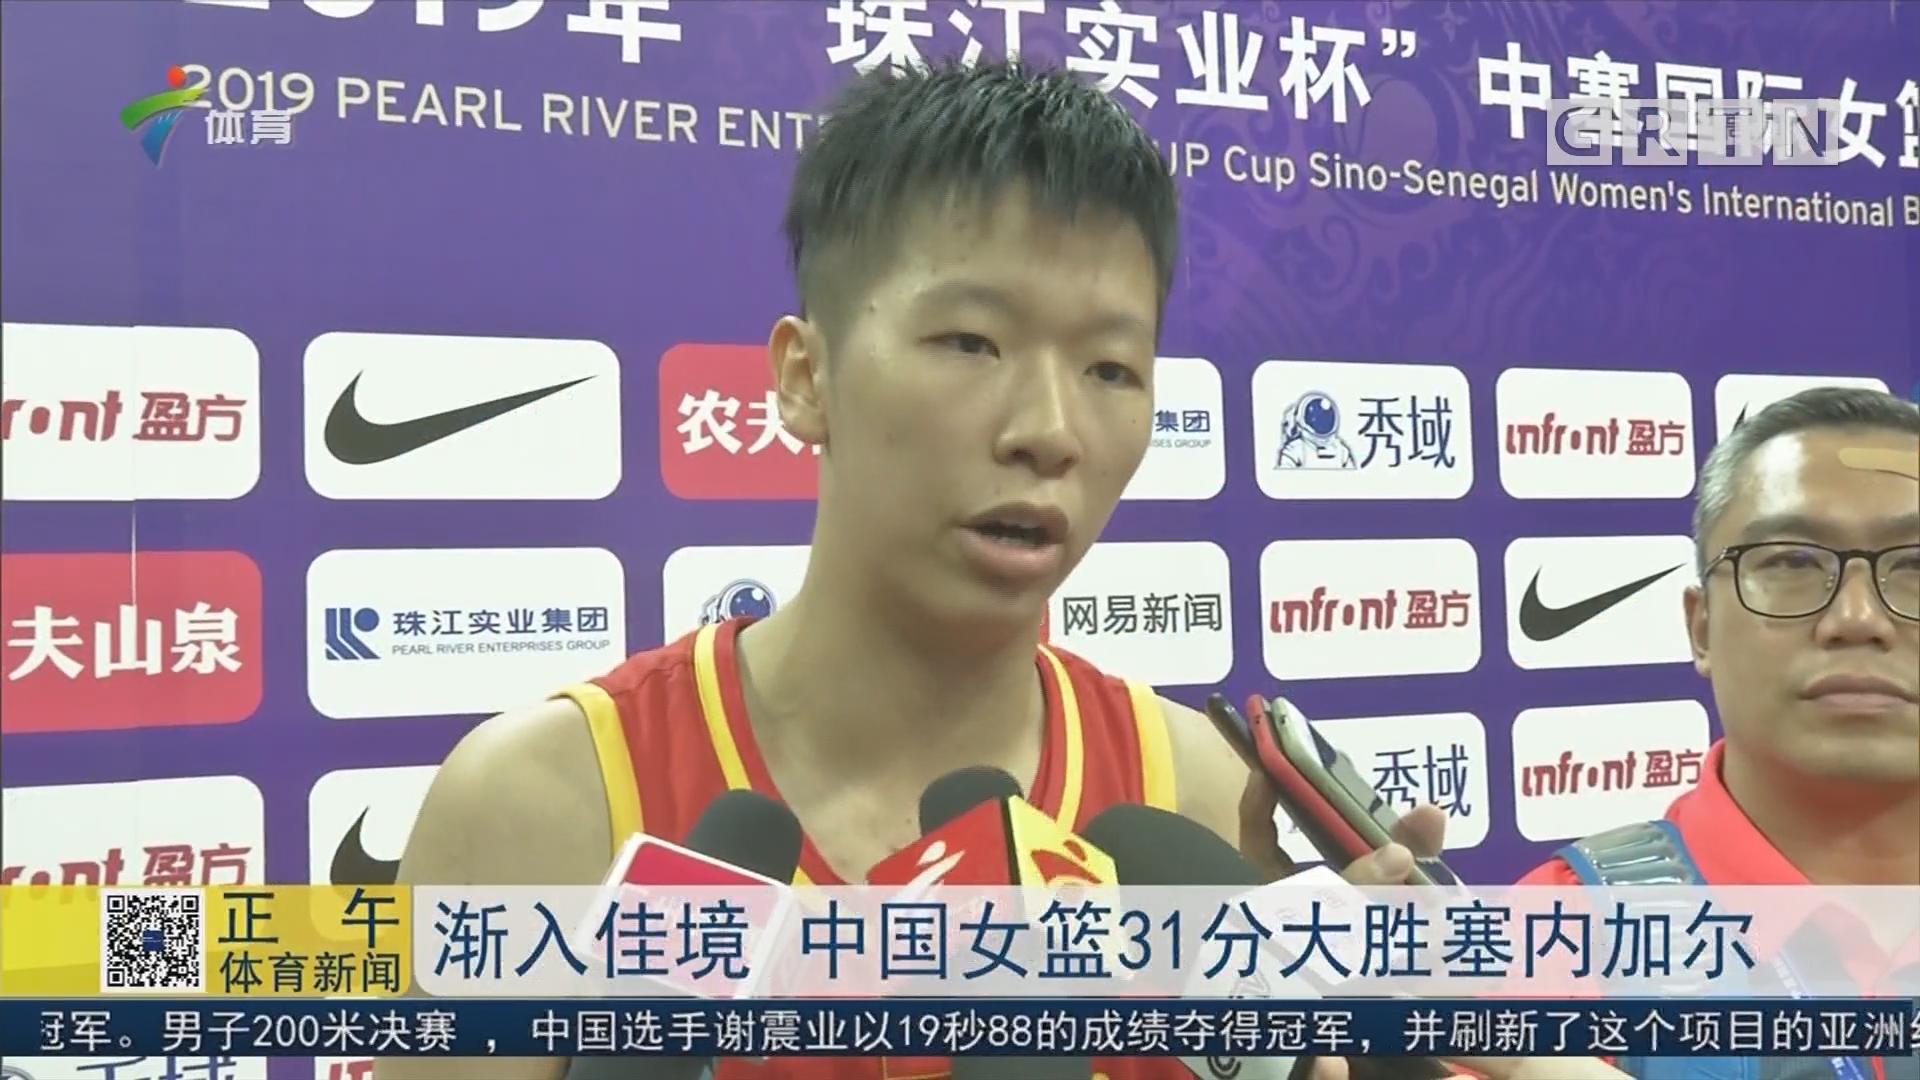 渐入佳境 中国女篮31分大胜塞内加尔